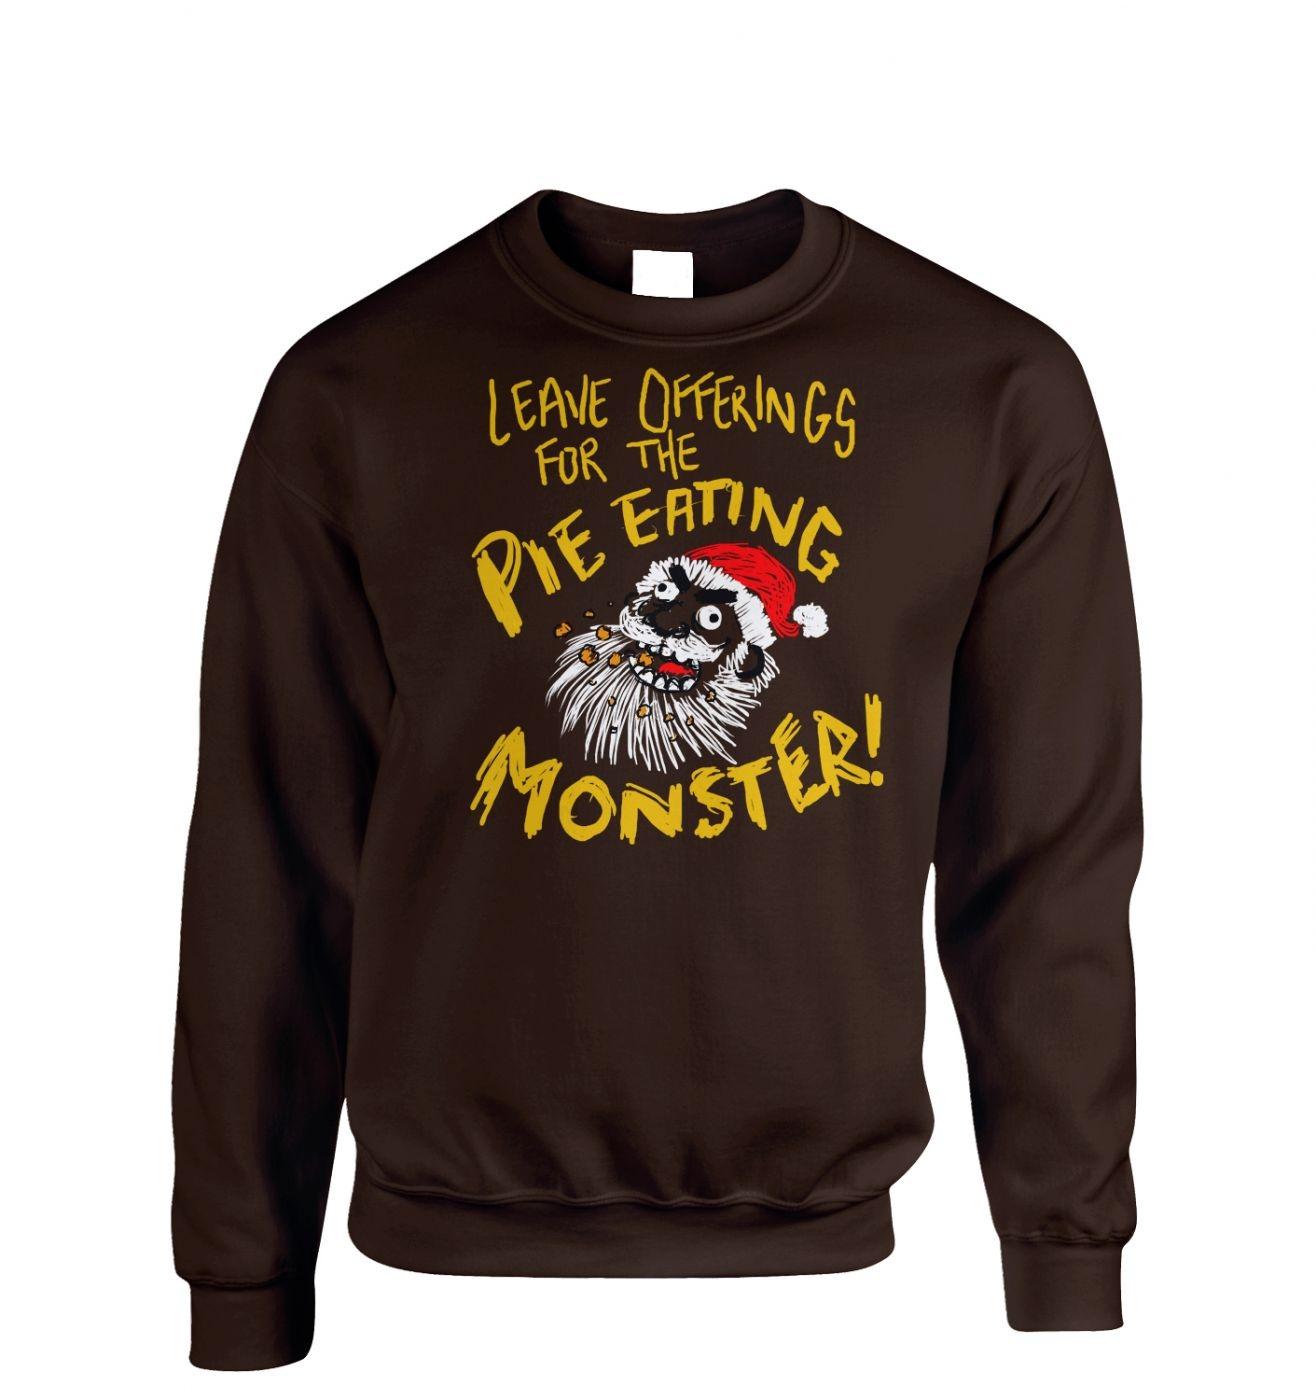 Pie Monster Adult Crewneck Sweatshirt